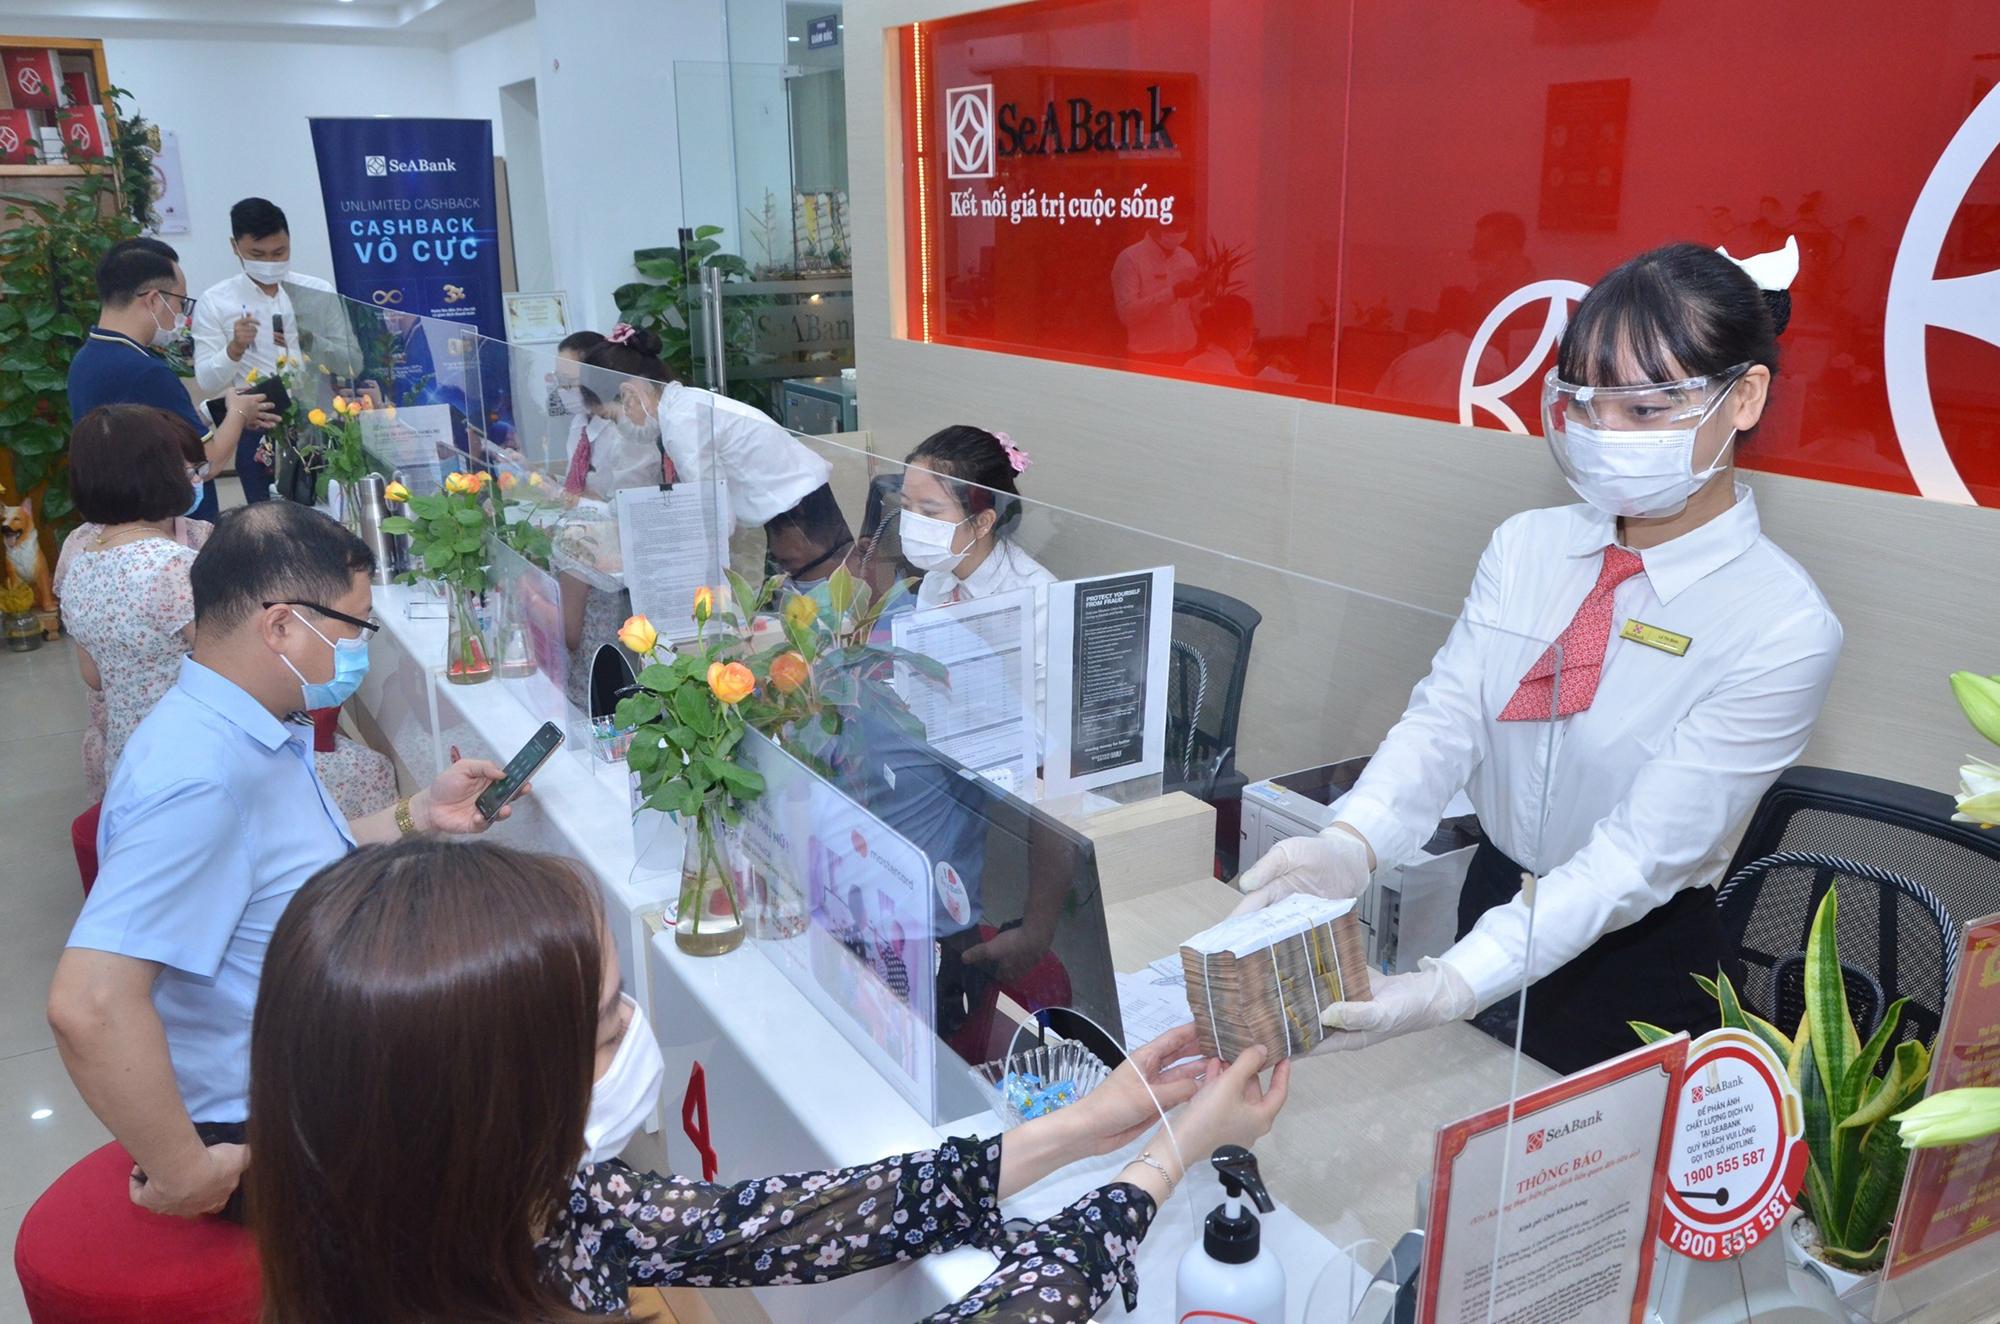 Khách hàng tới giao dịch tại SeABank.